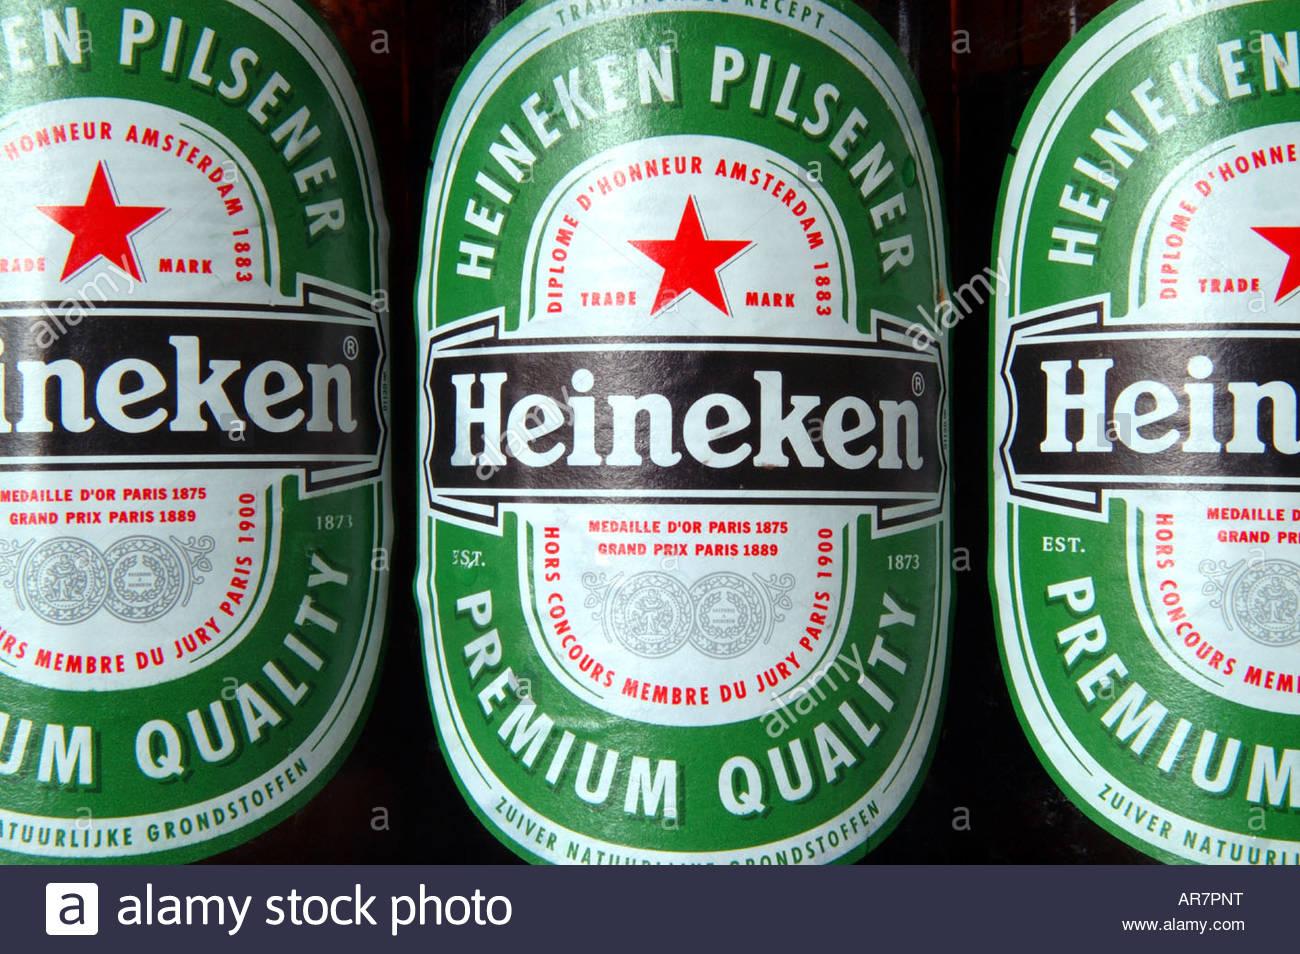 Label Of The Dutch Heineken Pilsener Beer Bottle